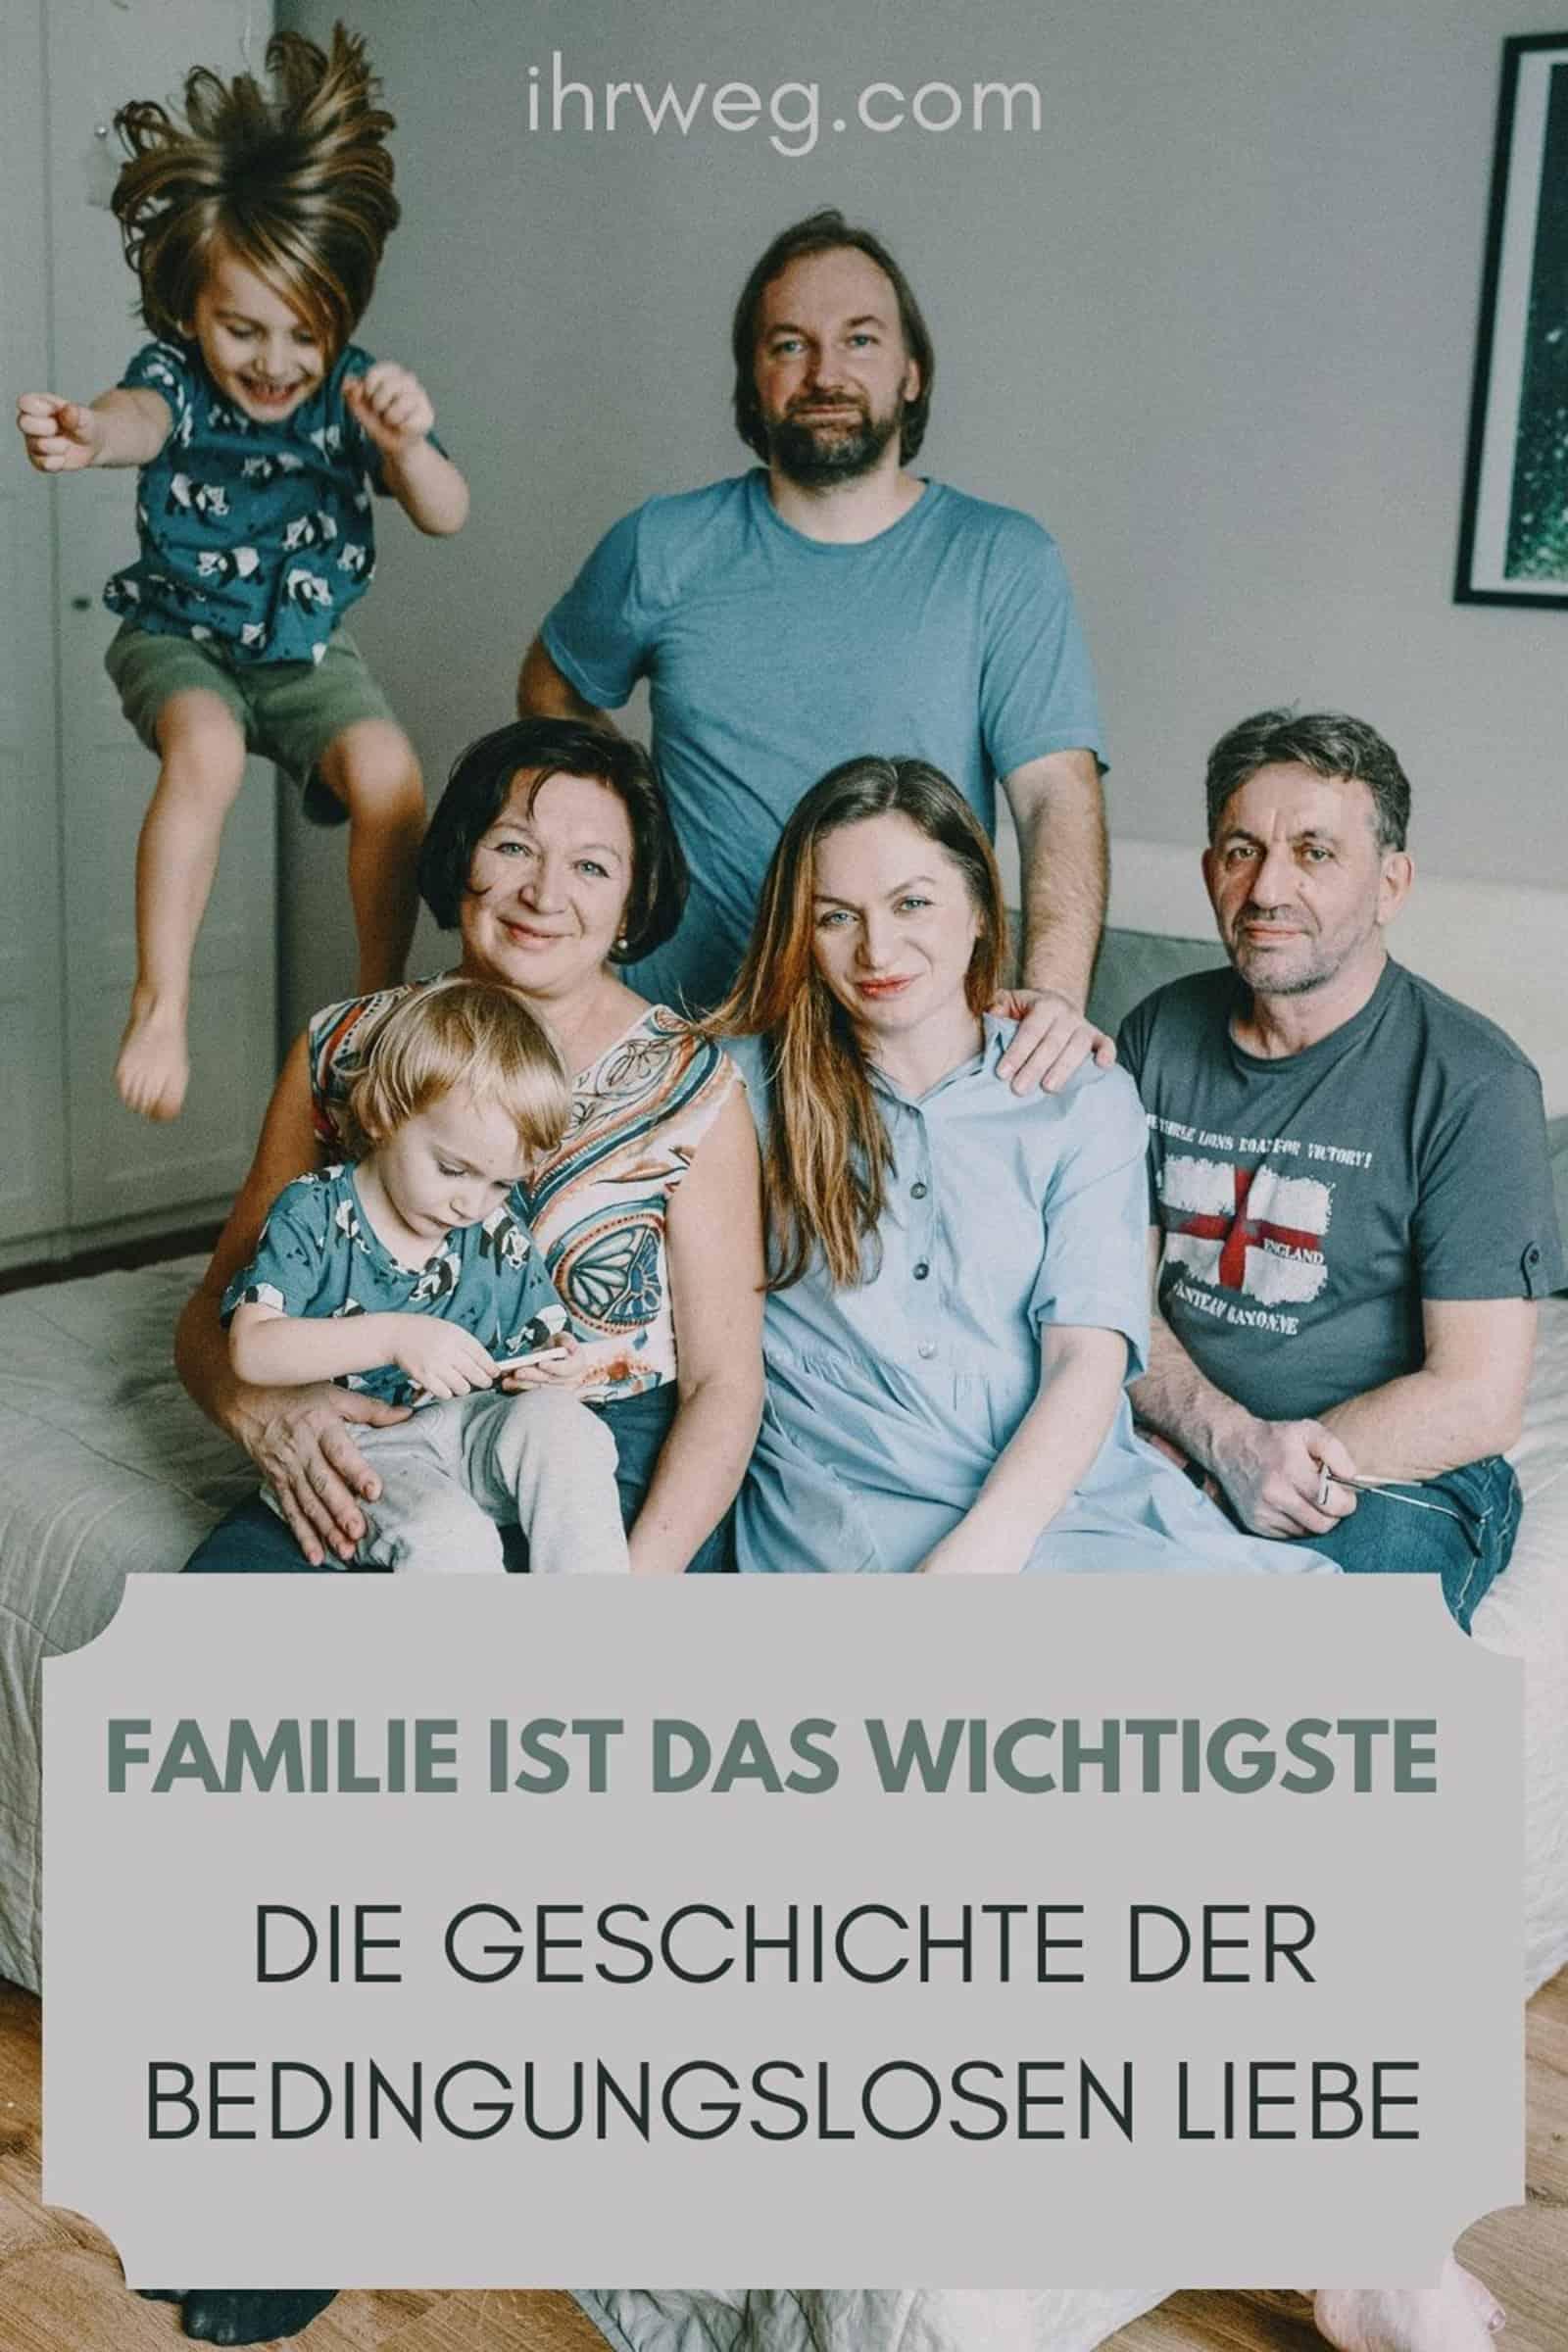 Familie Ist Das Wichtigste – Die Geschichte Der Bedingungslosen Liebe